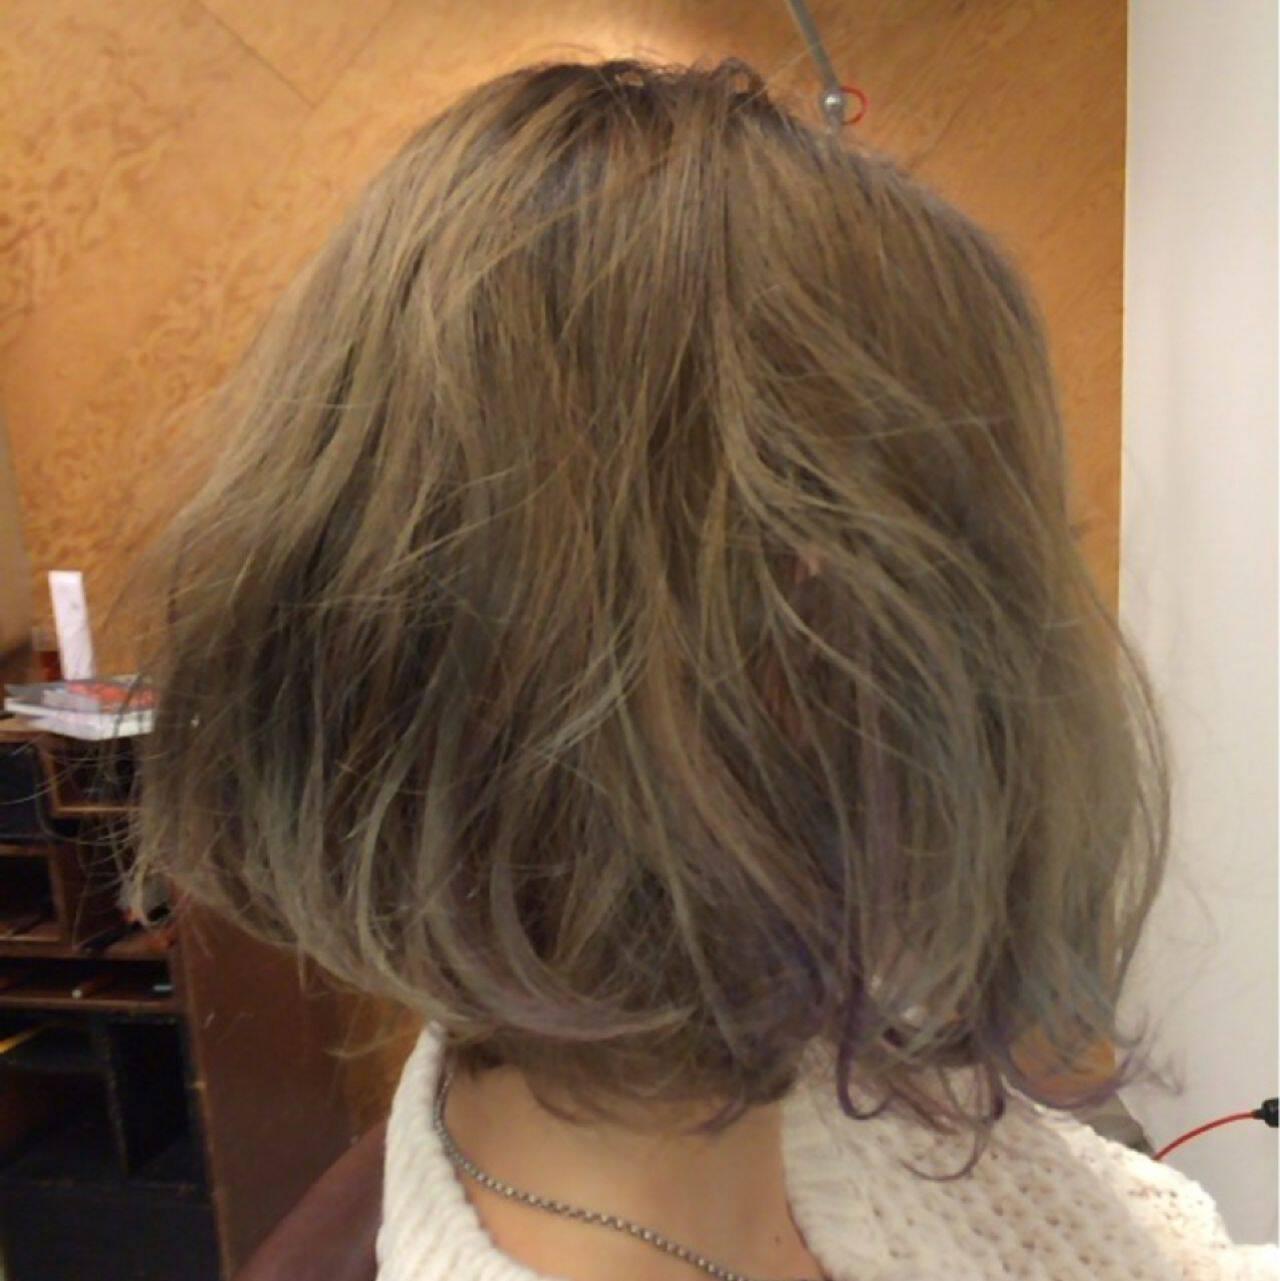 モテ髪 ボブ モード ストリートヘアスタイルや髪型の写真・画像